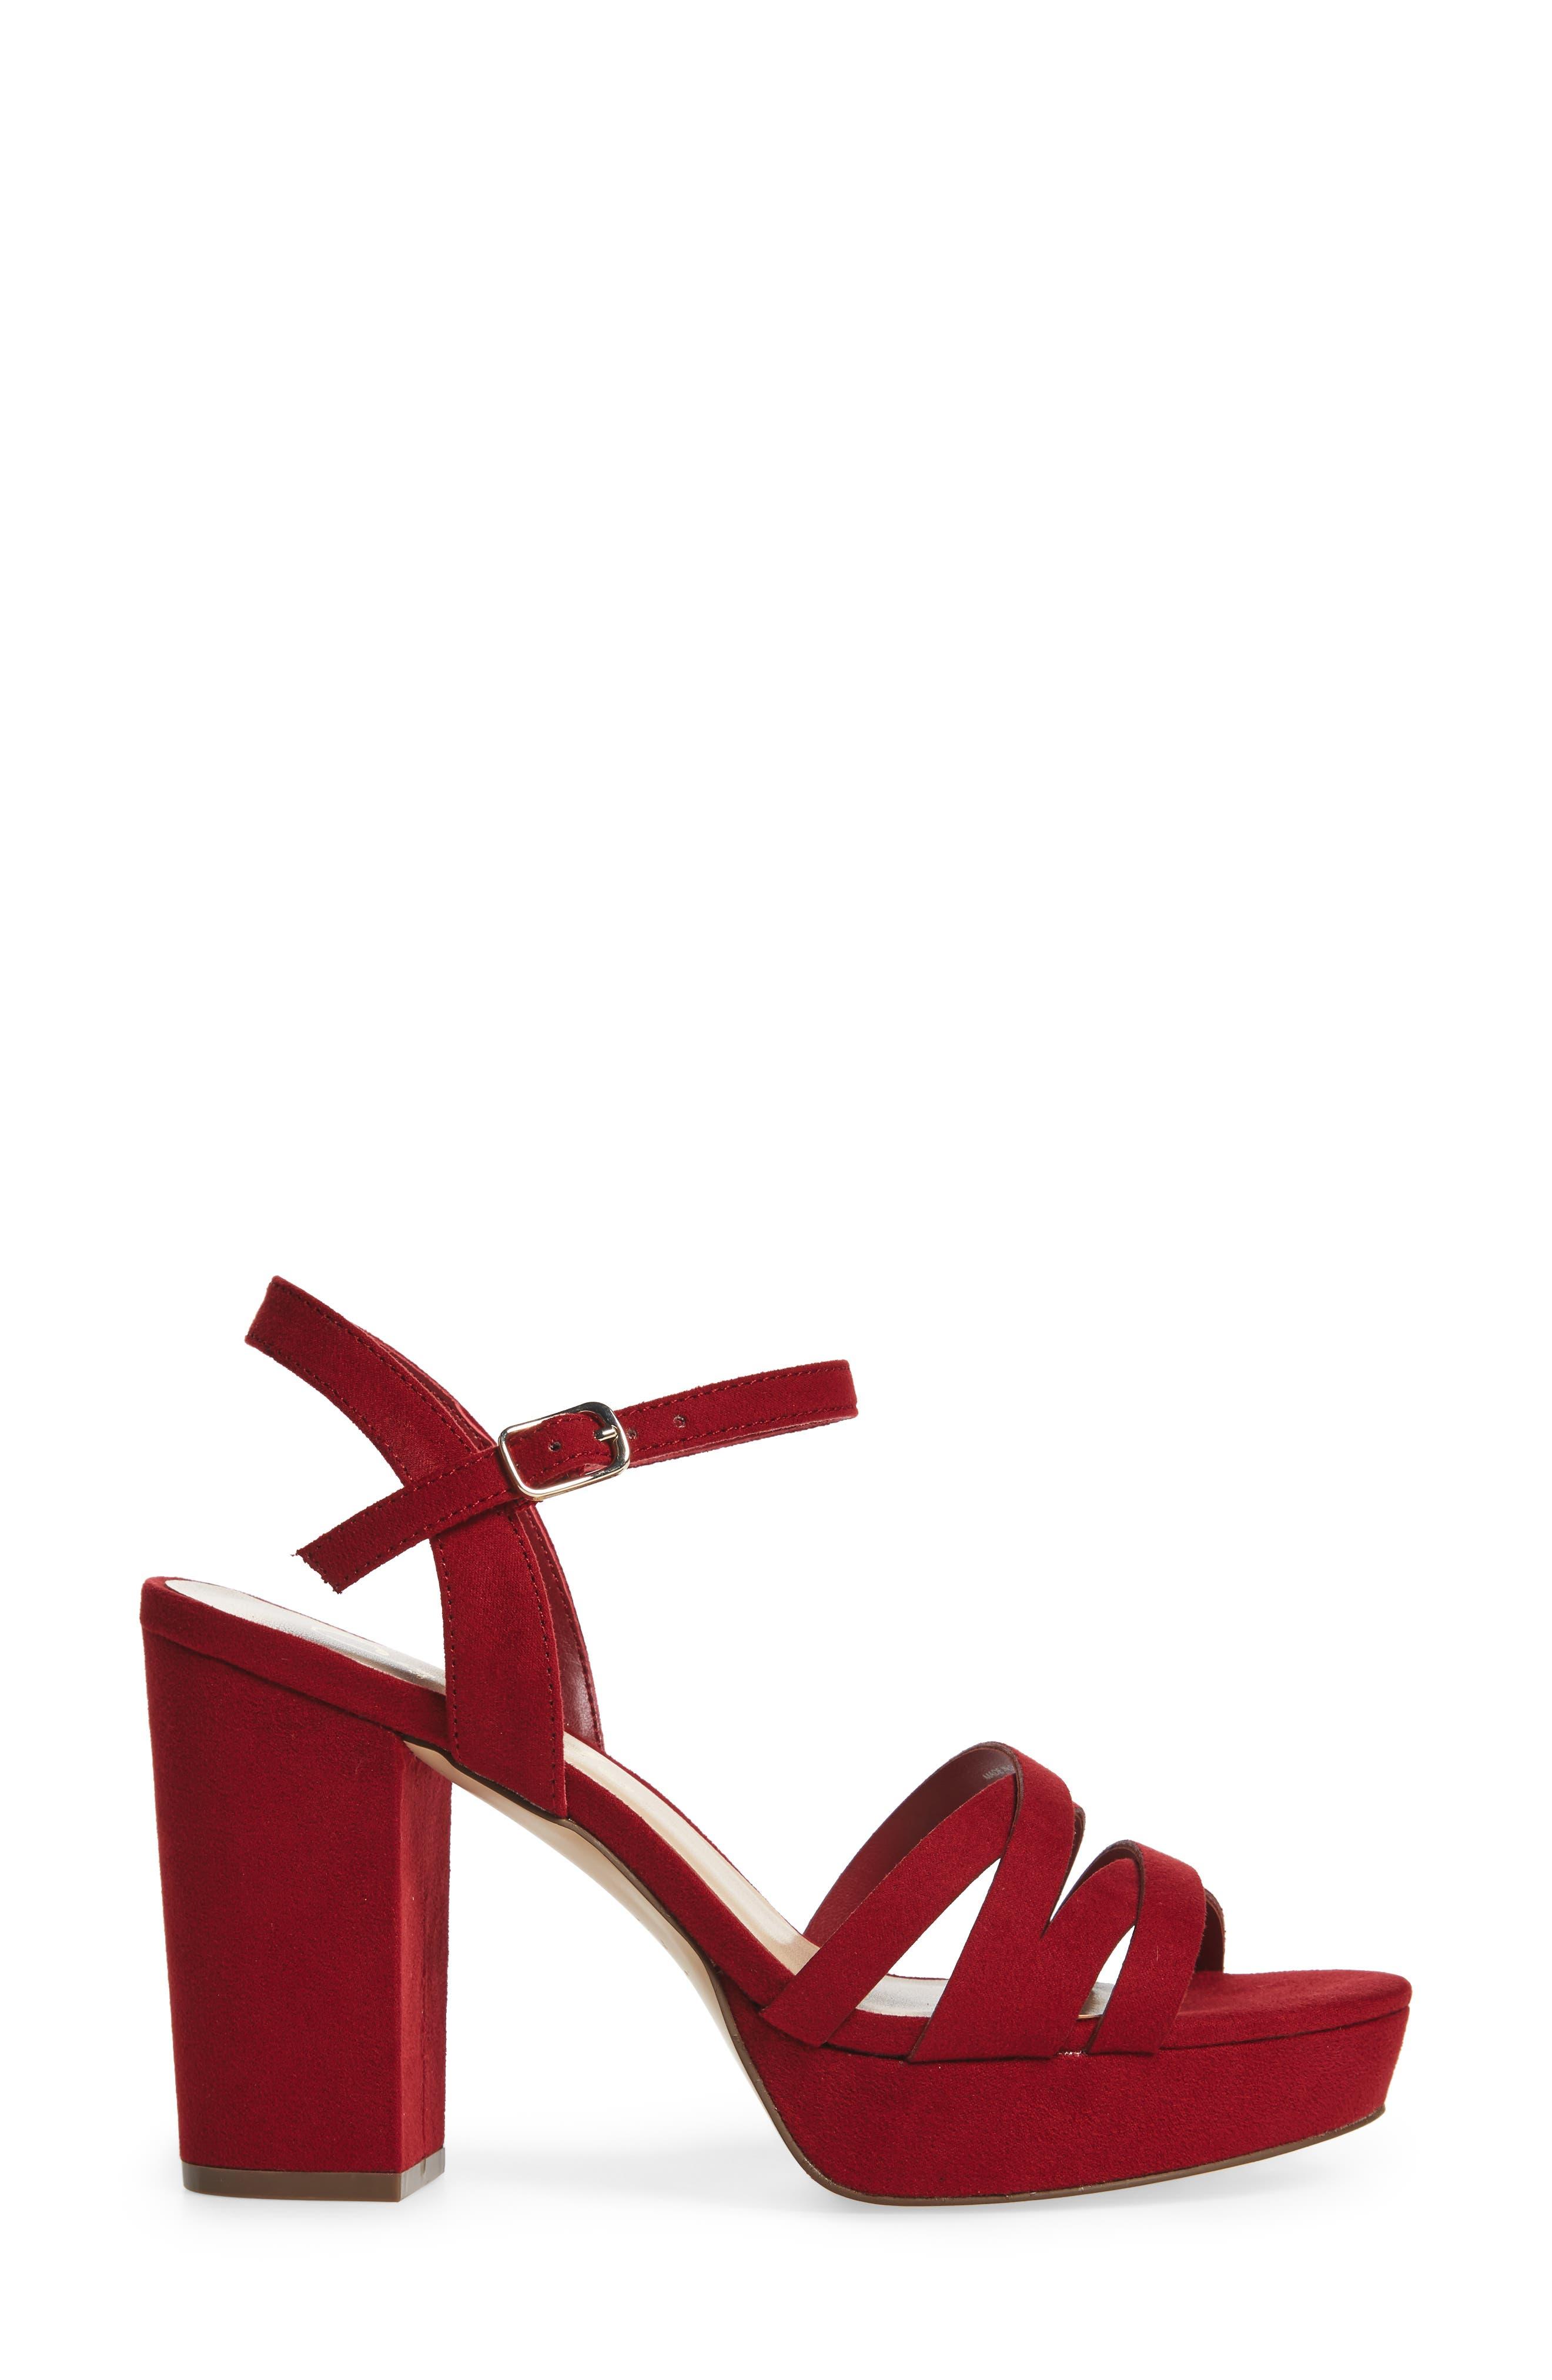 Paxx Platform Sandal,                             Alternate thumbnail 3, color,                             RED FAUX SUEDE